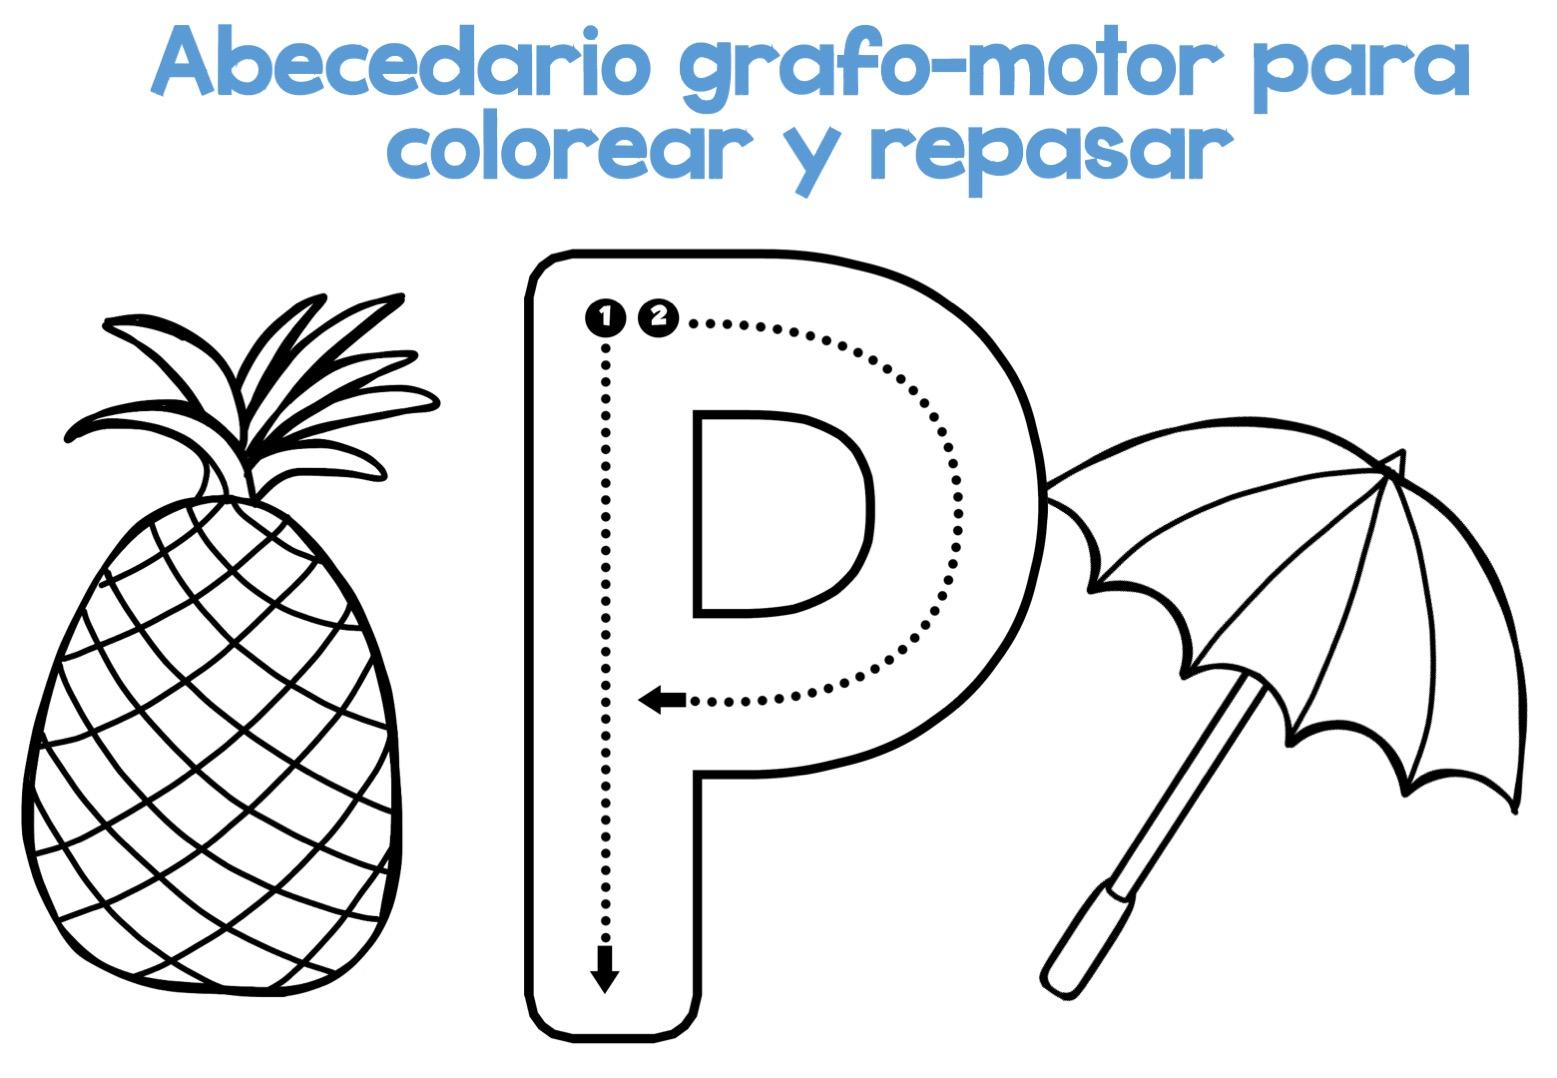 Alfabeto Para Colorear: Completo Abecedario Grafo-motor Para Colorear Y Repasar17